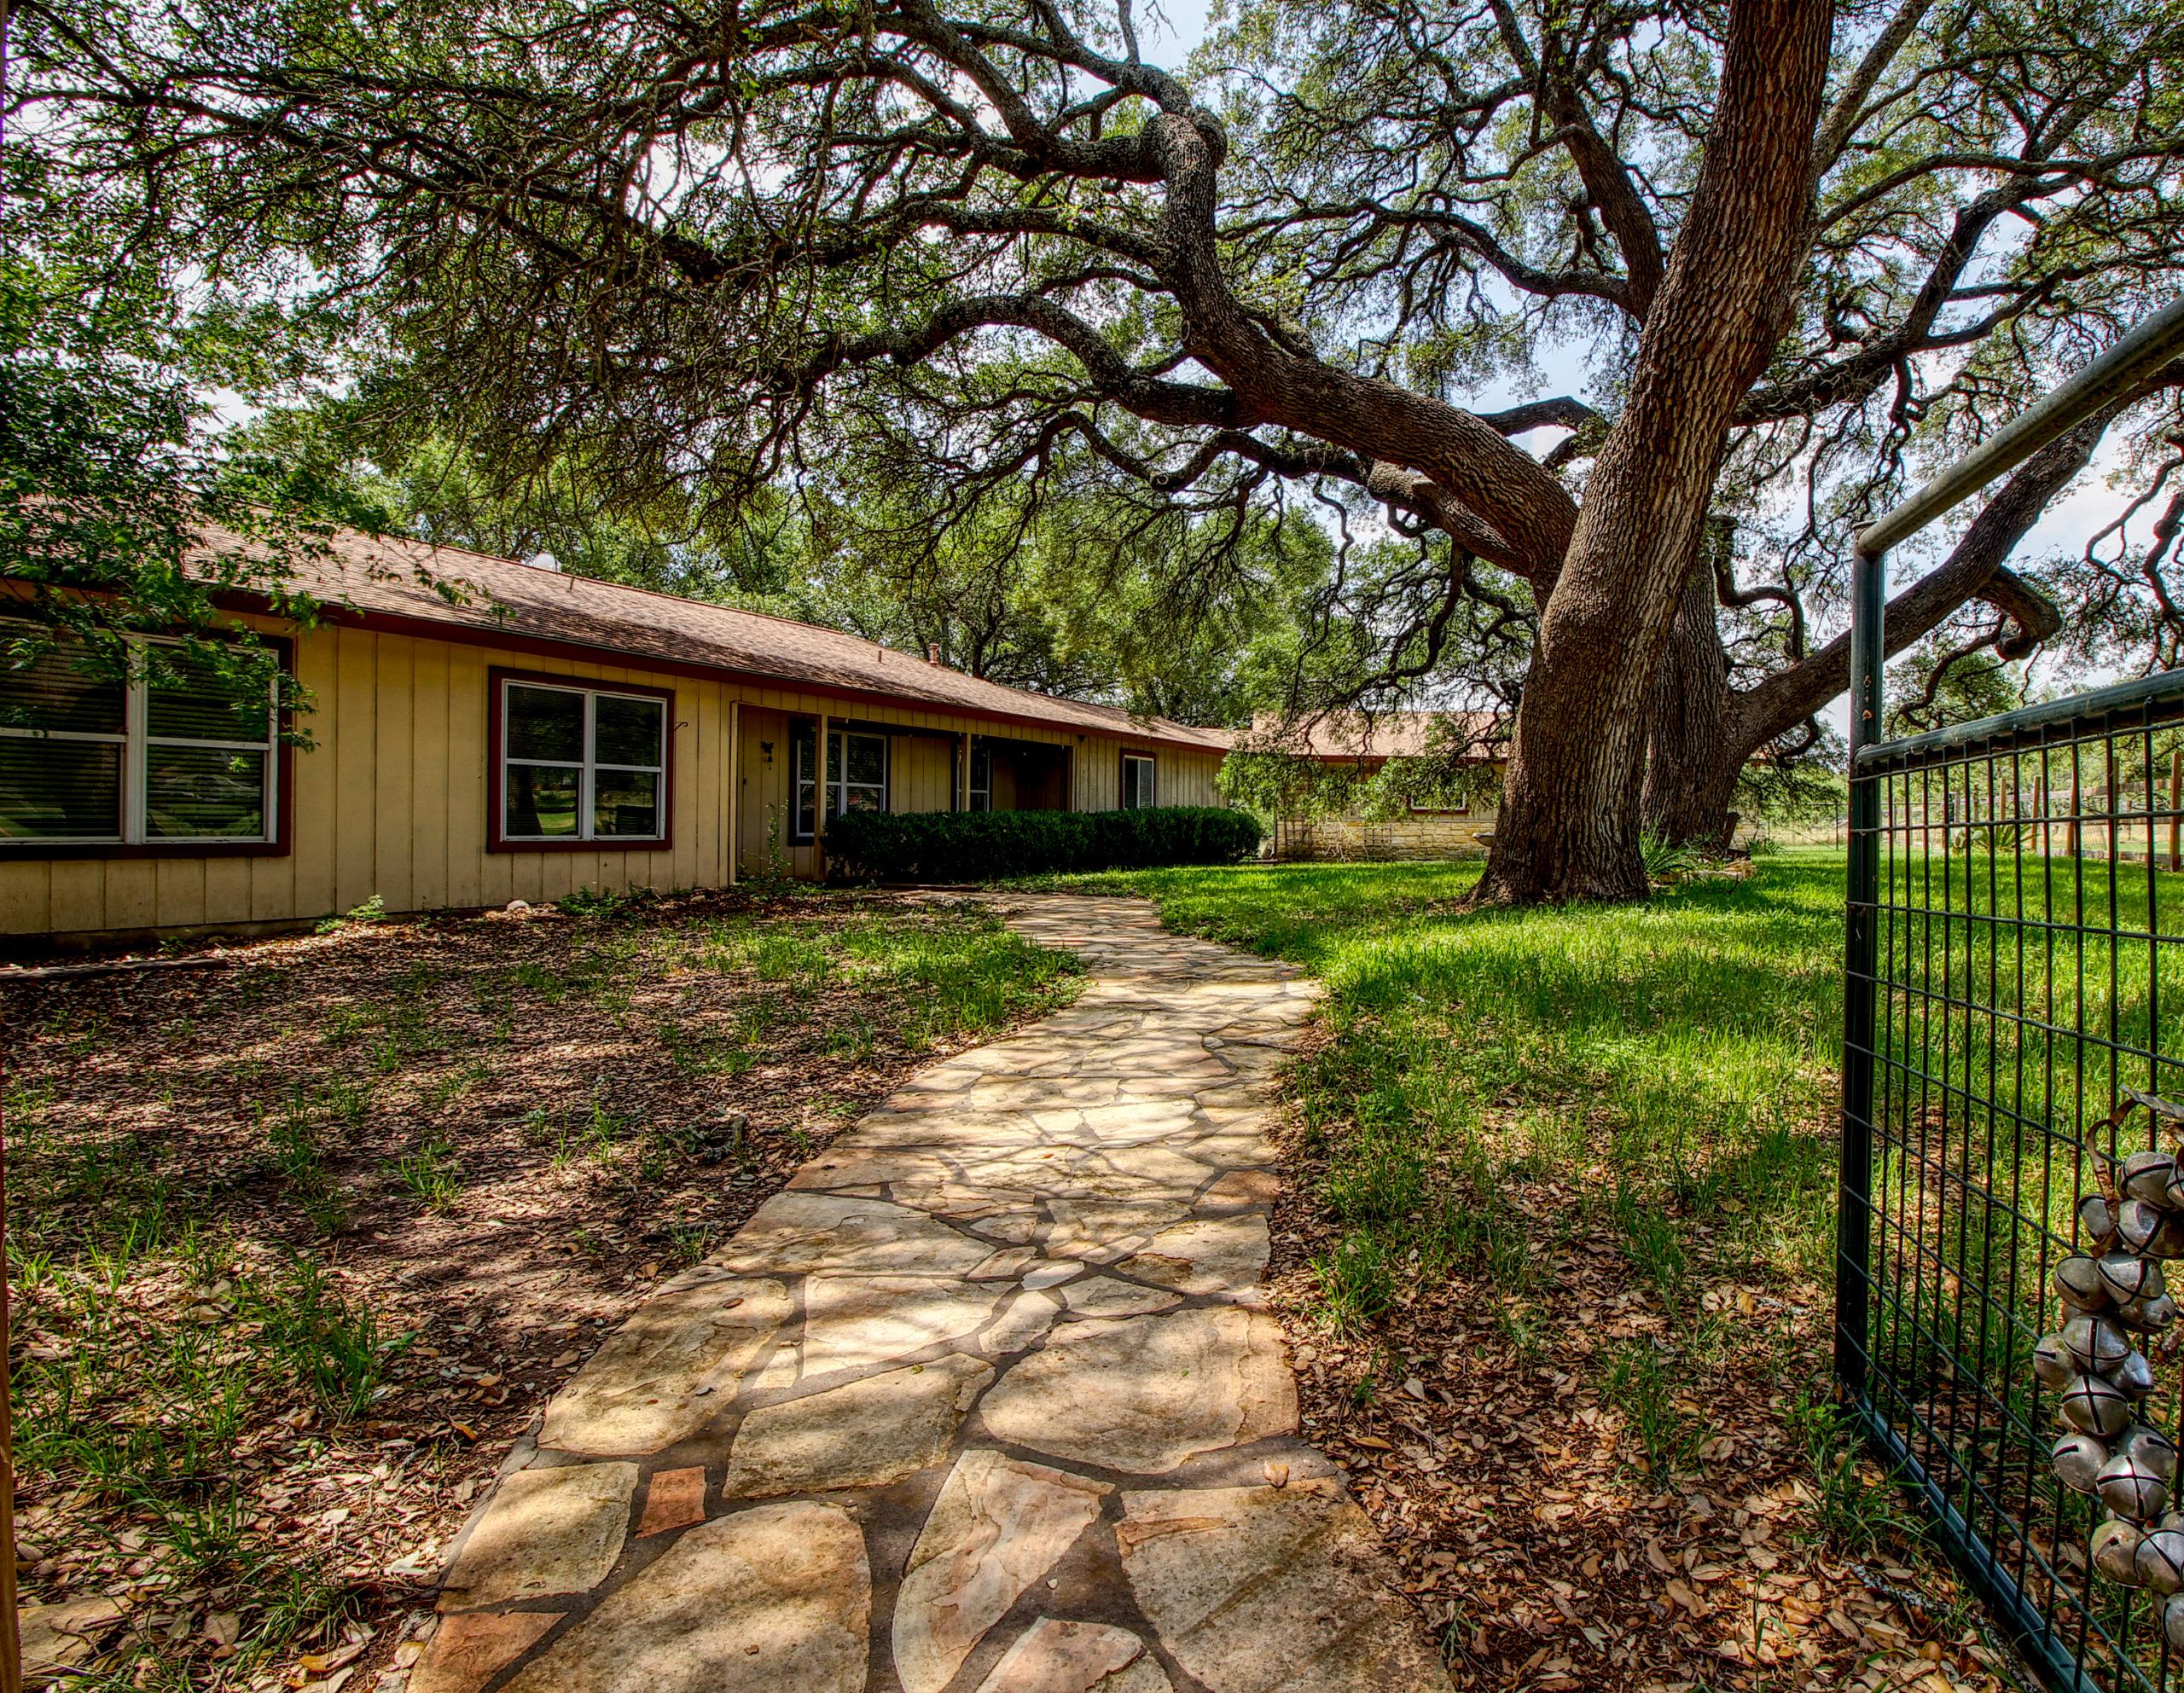 12737 US HWY 16 Fredericksburg TX Home on Acreage